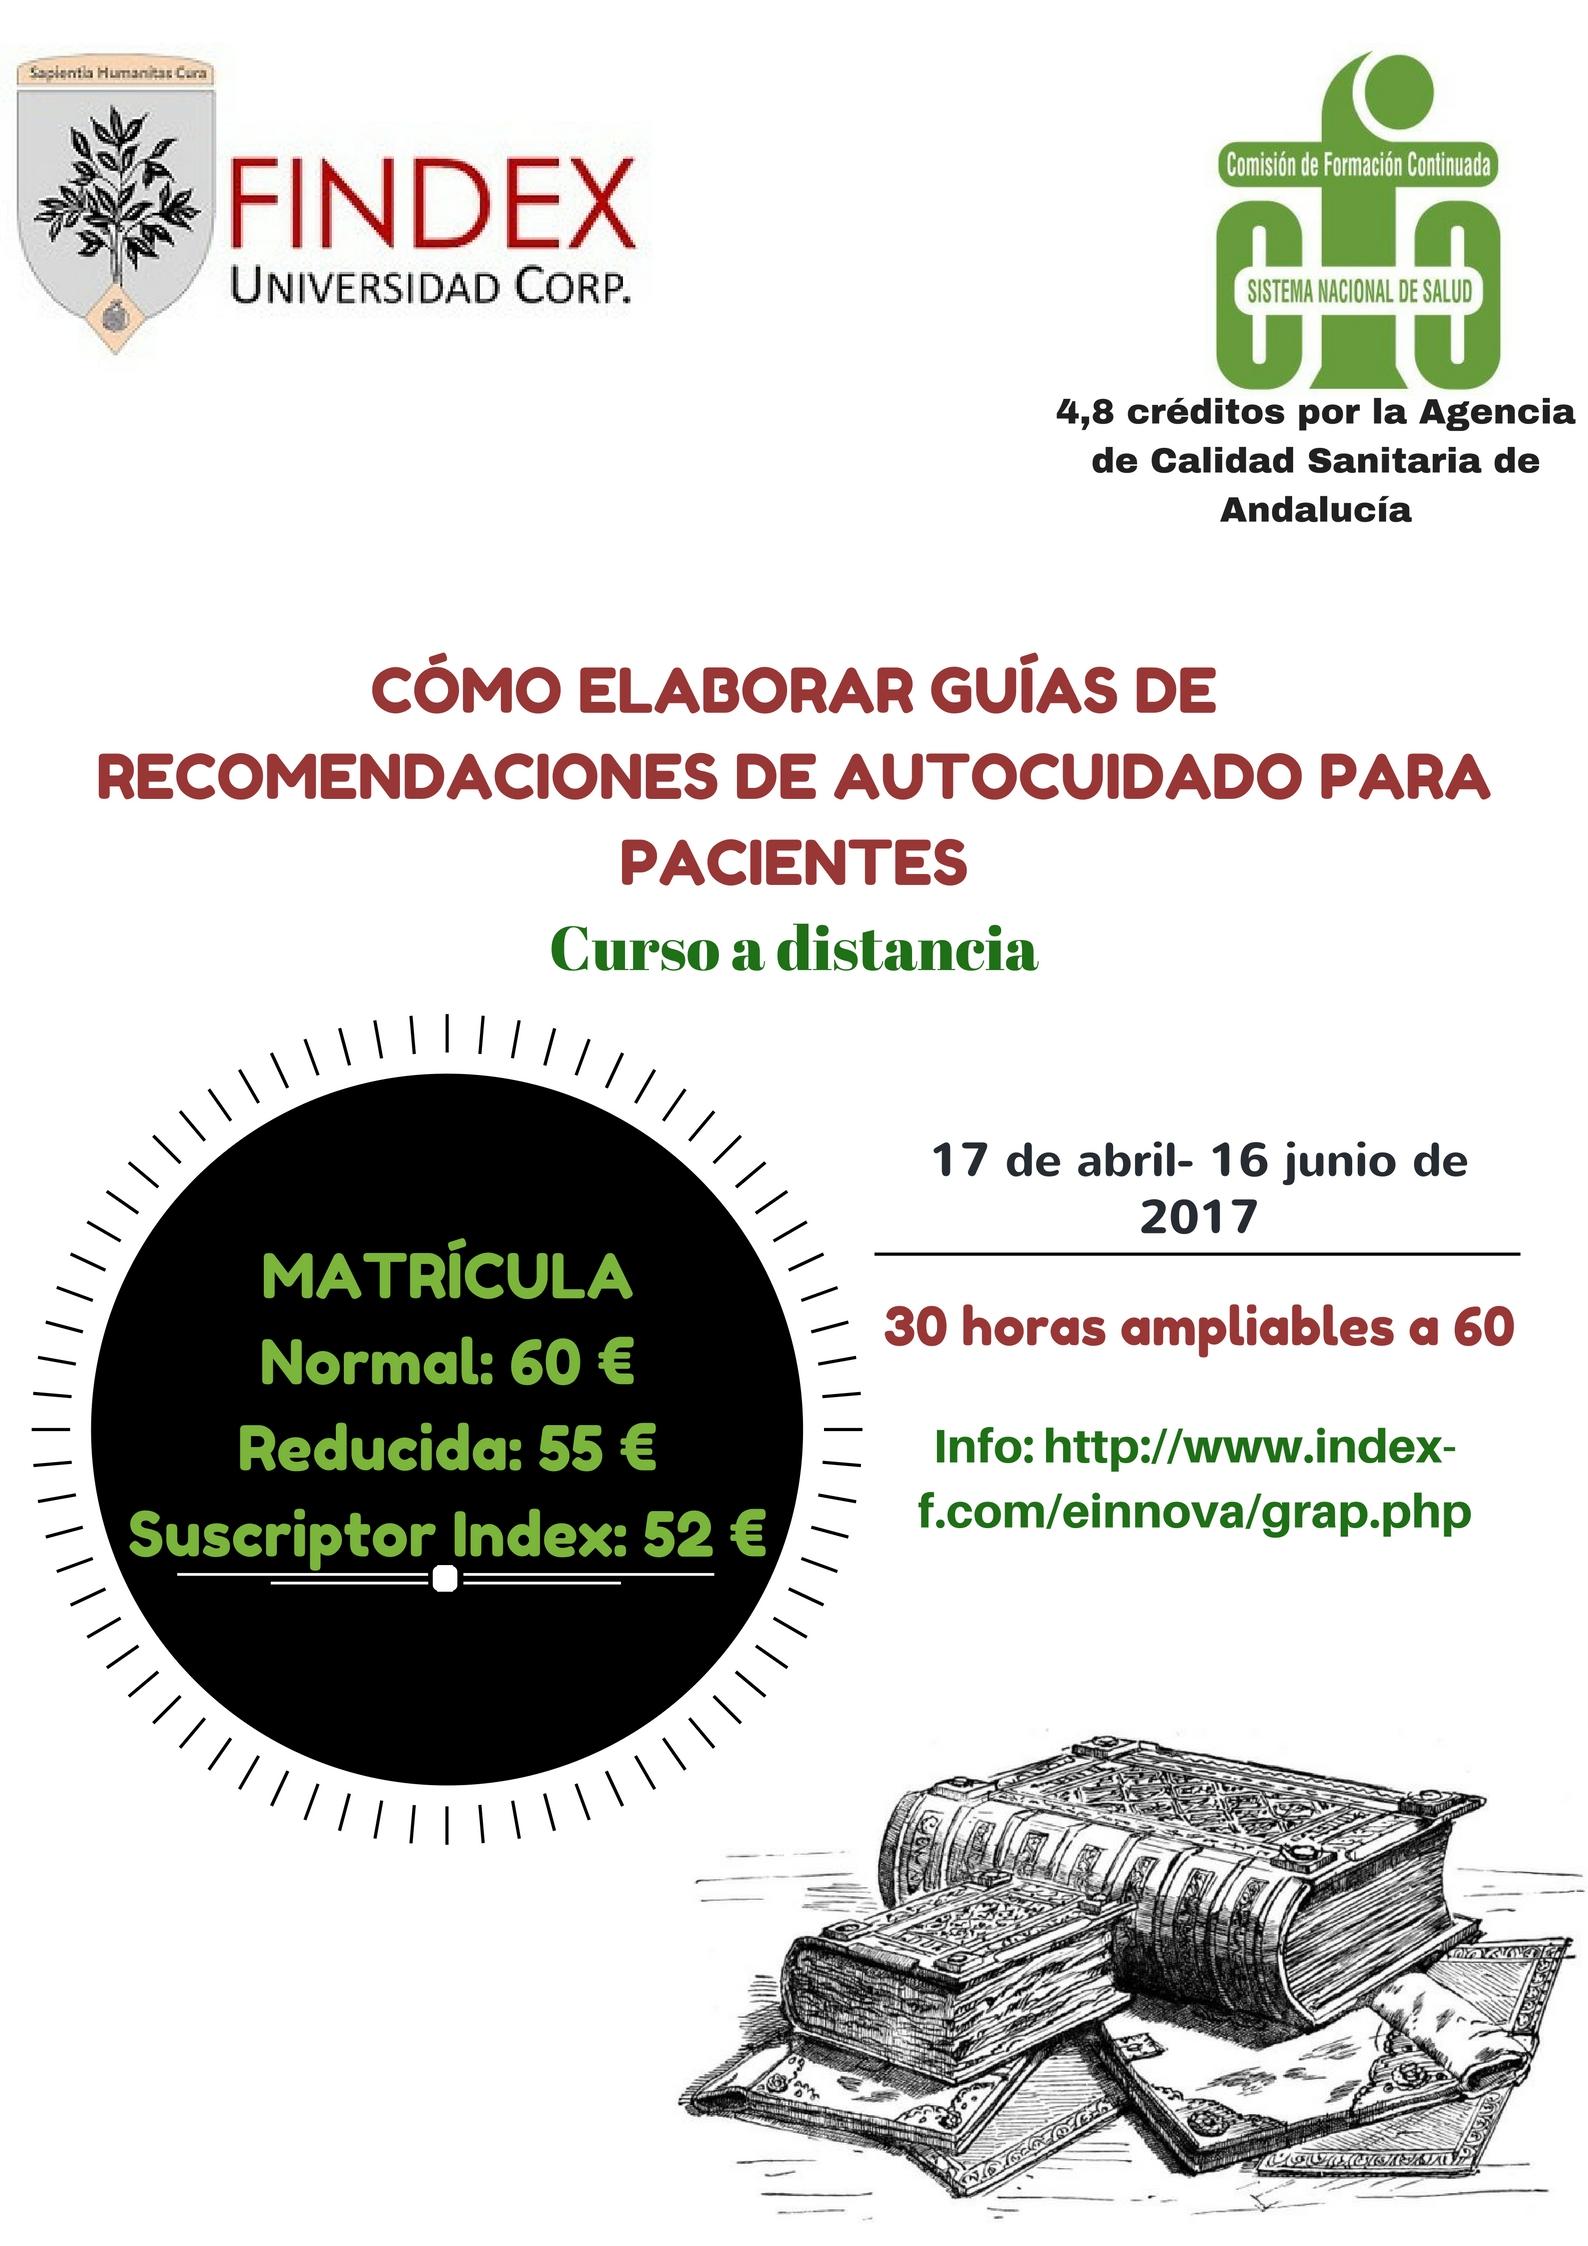 CÓMO ELABORAR GUÍAS DE RECOMENDACIONES DE AUTOCUIDADO PARAPACIENTES